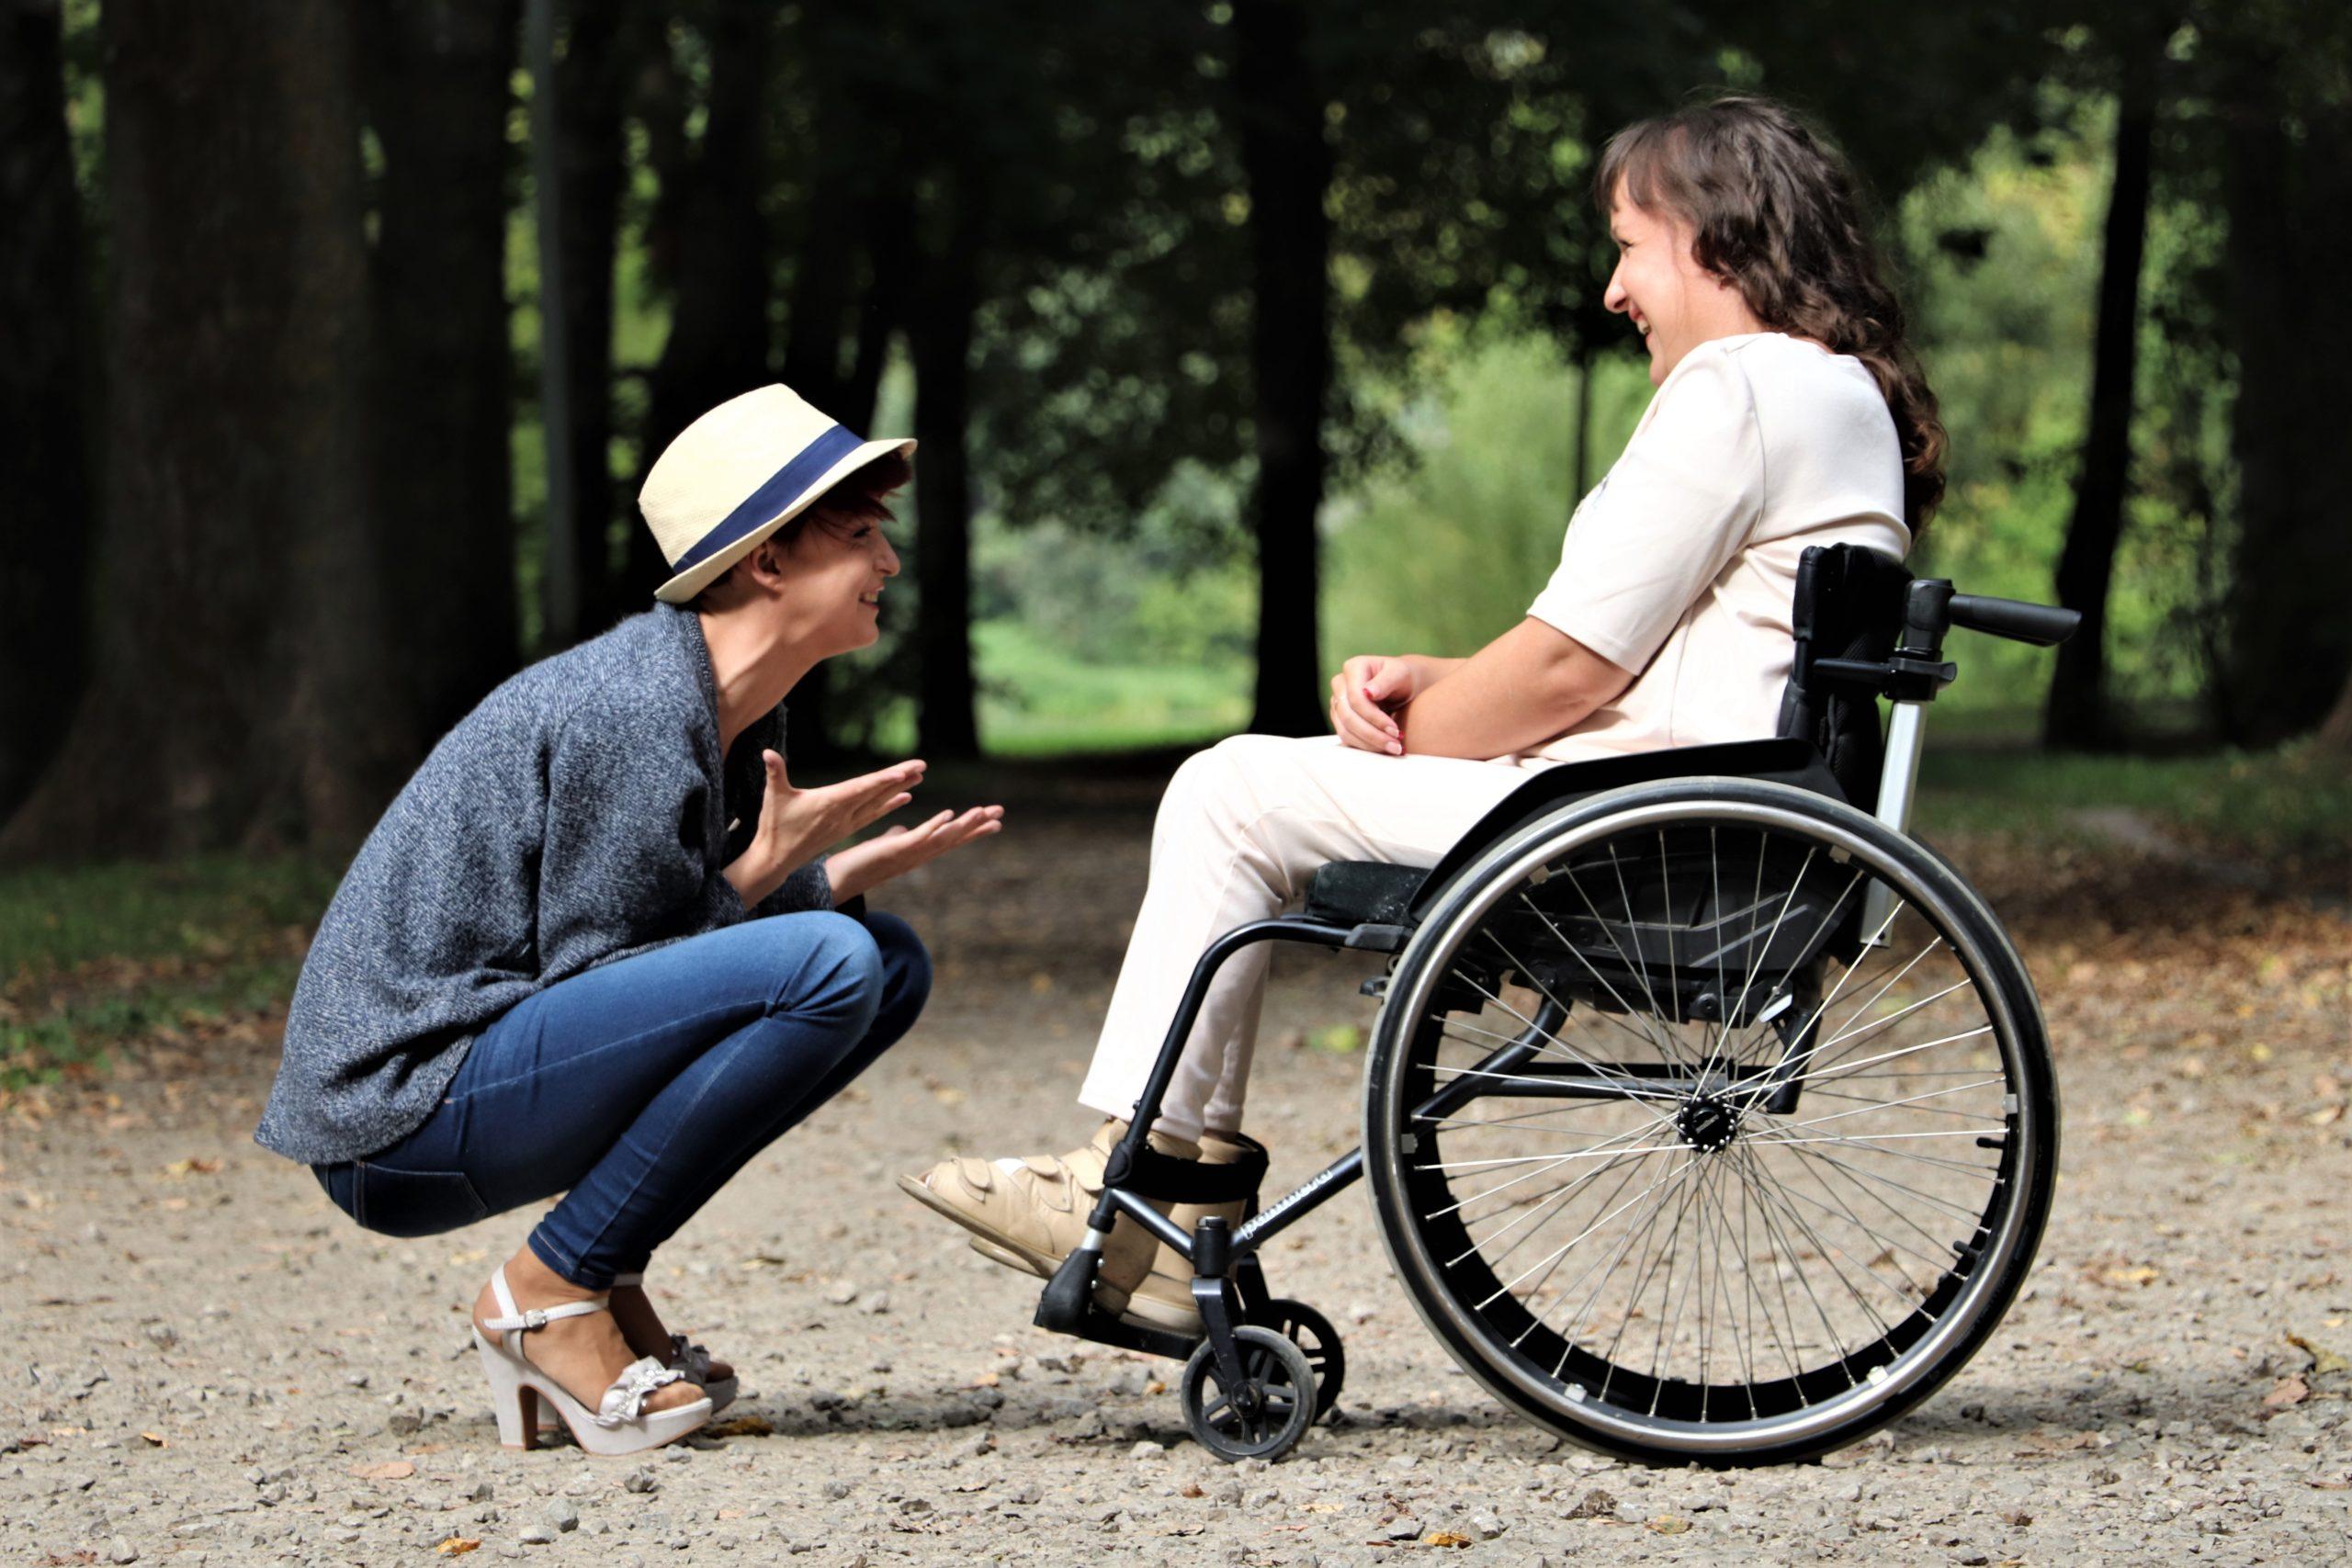 schwerbehinderung, sozialrecht, hilfe, behinderung, rollstuhl